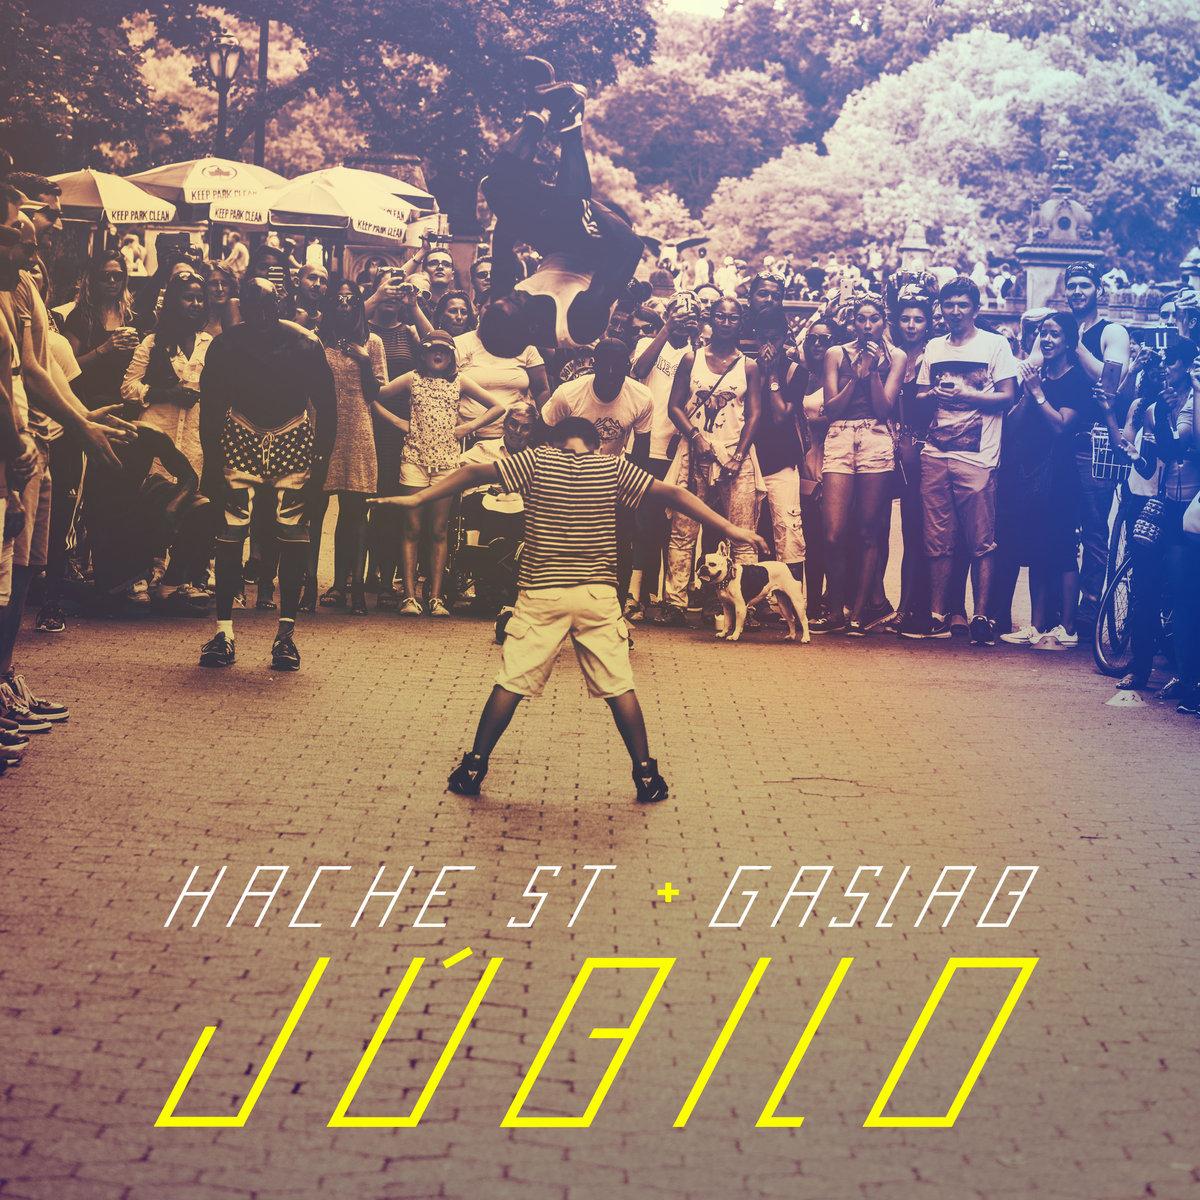 Hache_st___gas-lab_presentan_j_bilo